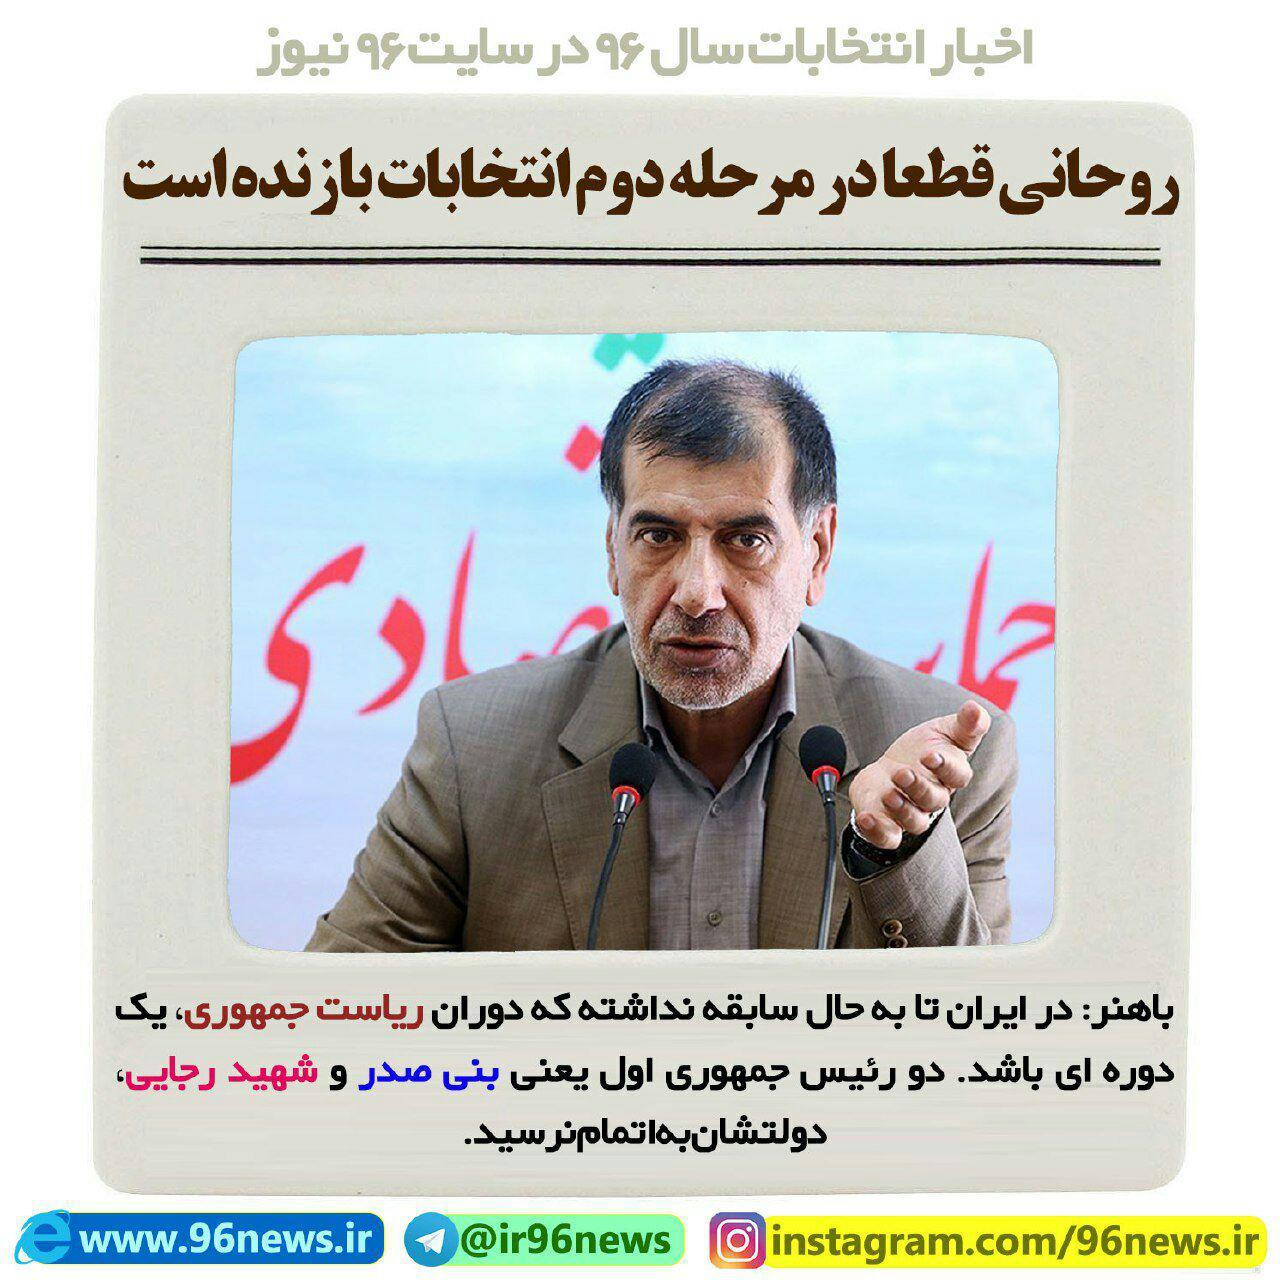 عکس نوشت اختصاصی ۹۶ نیوز: روحانی قطعا در مرحله دوم انتخابات بازنده است